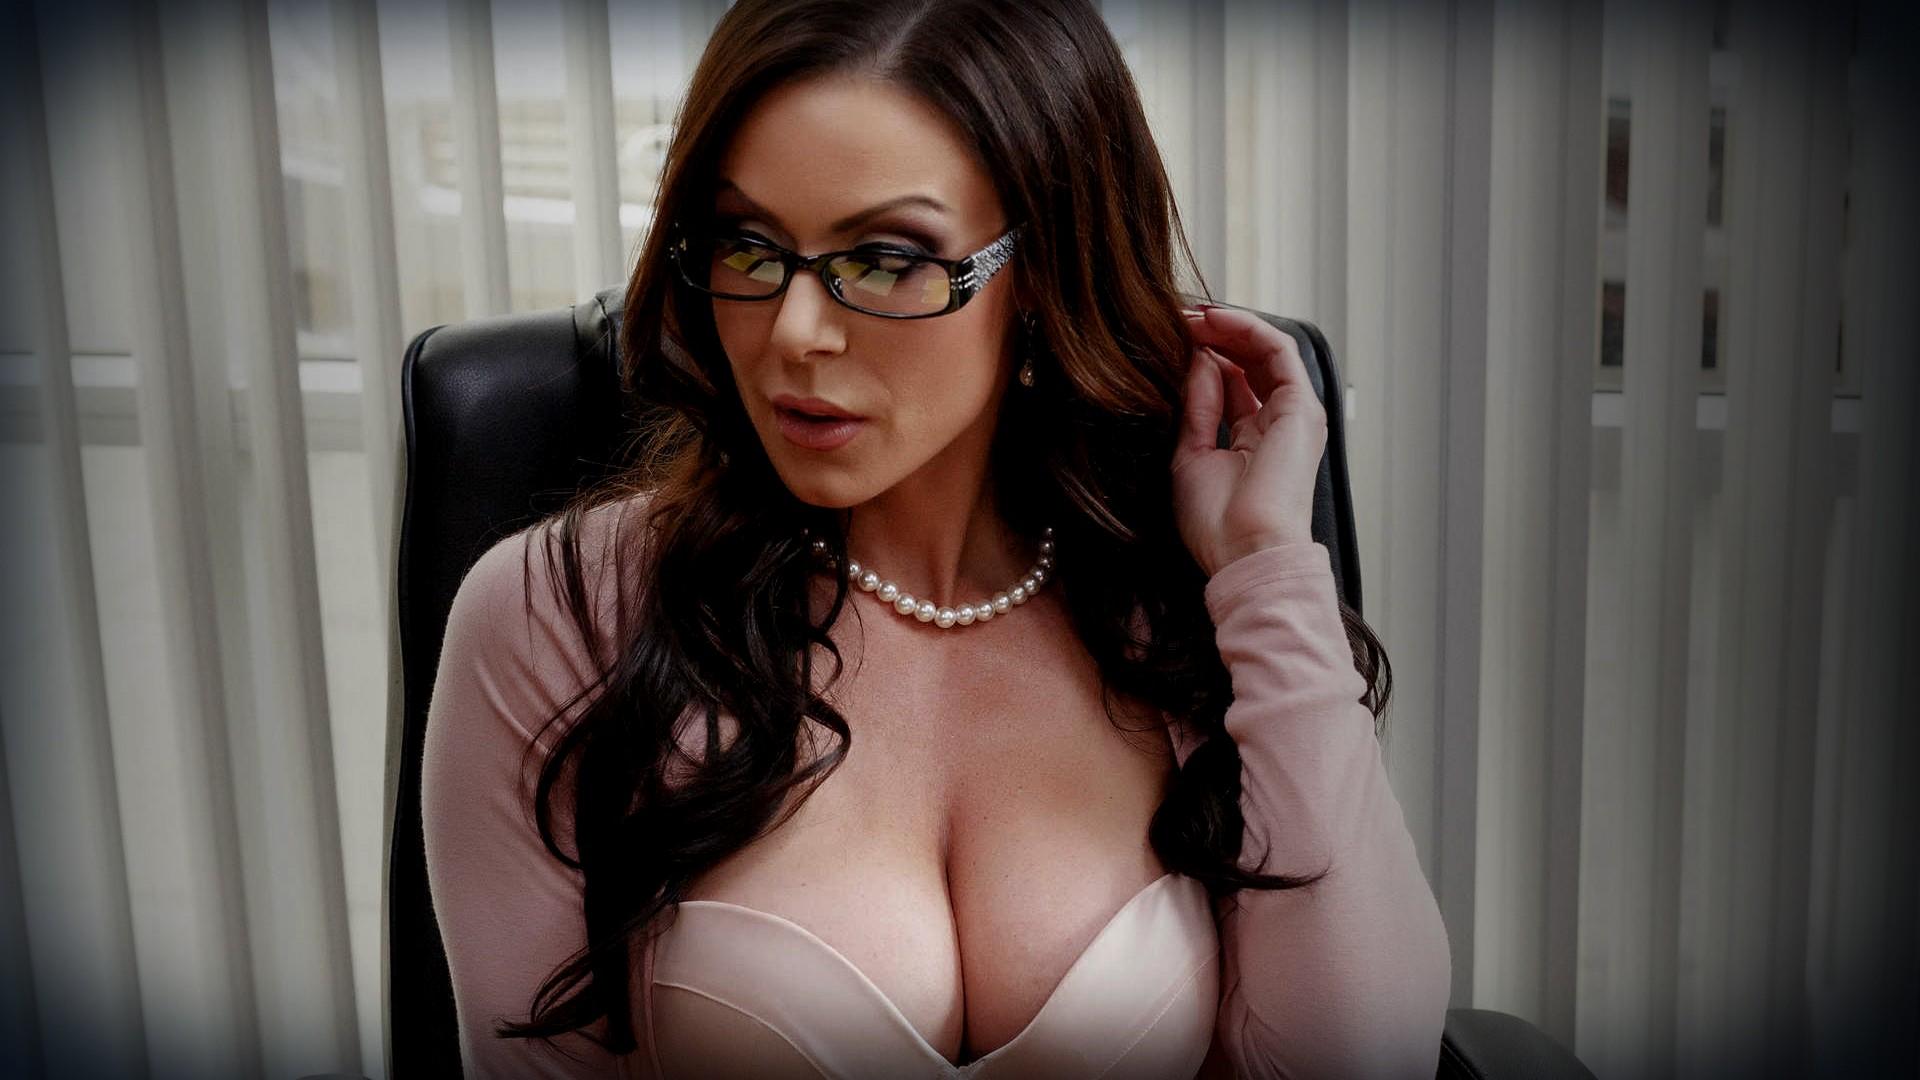 Dark hair glasses pornstar ana